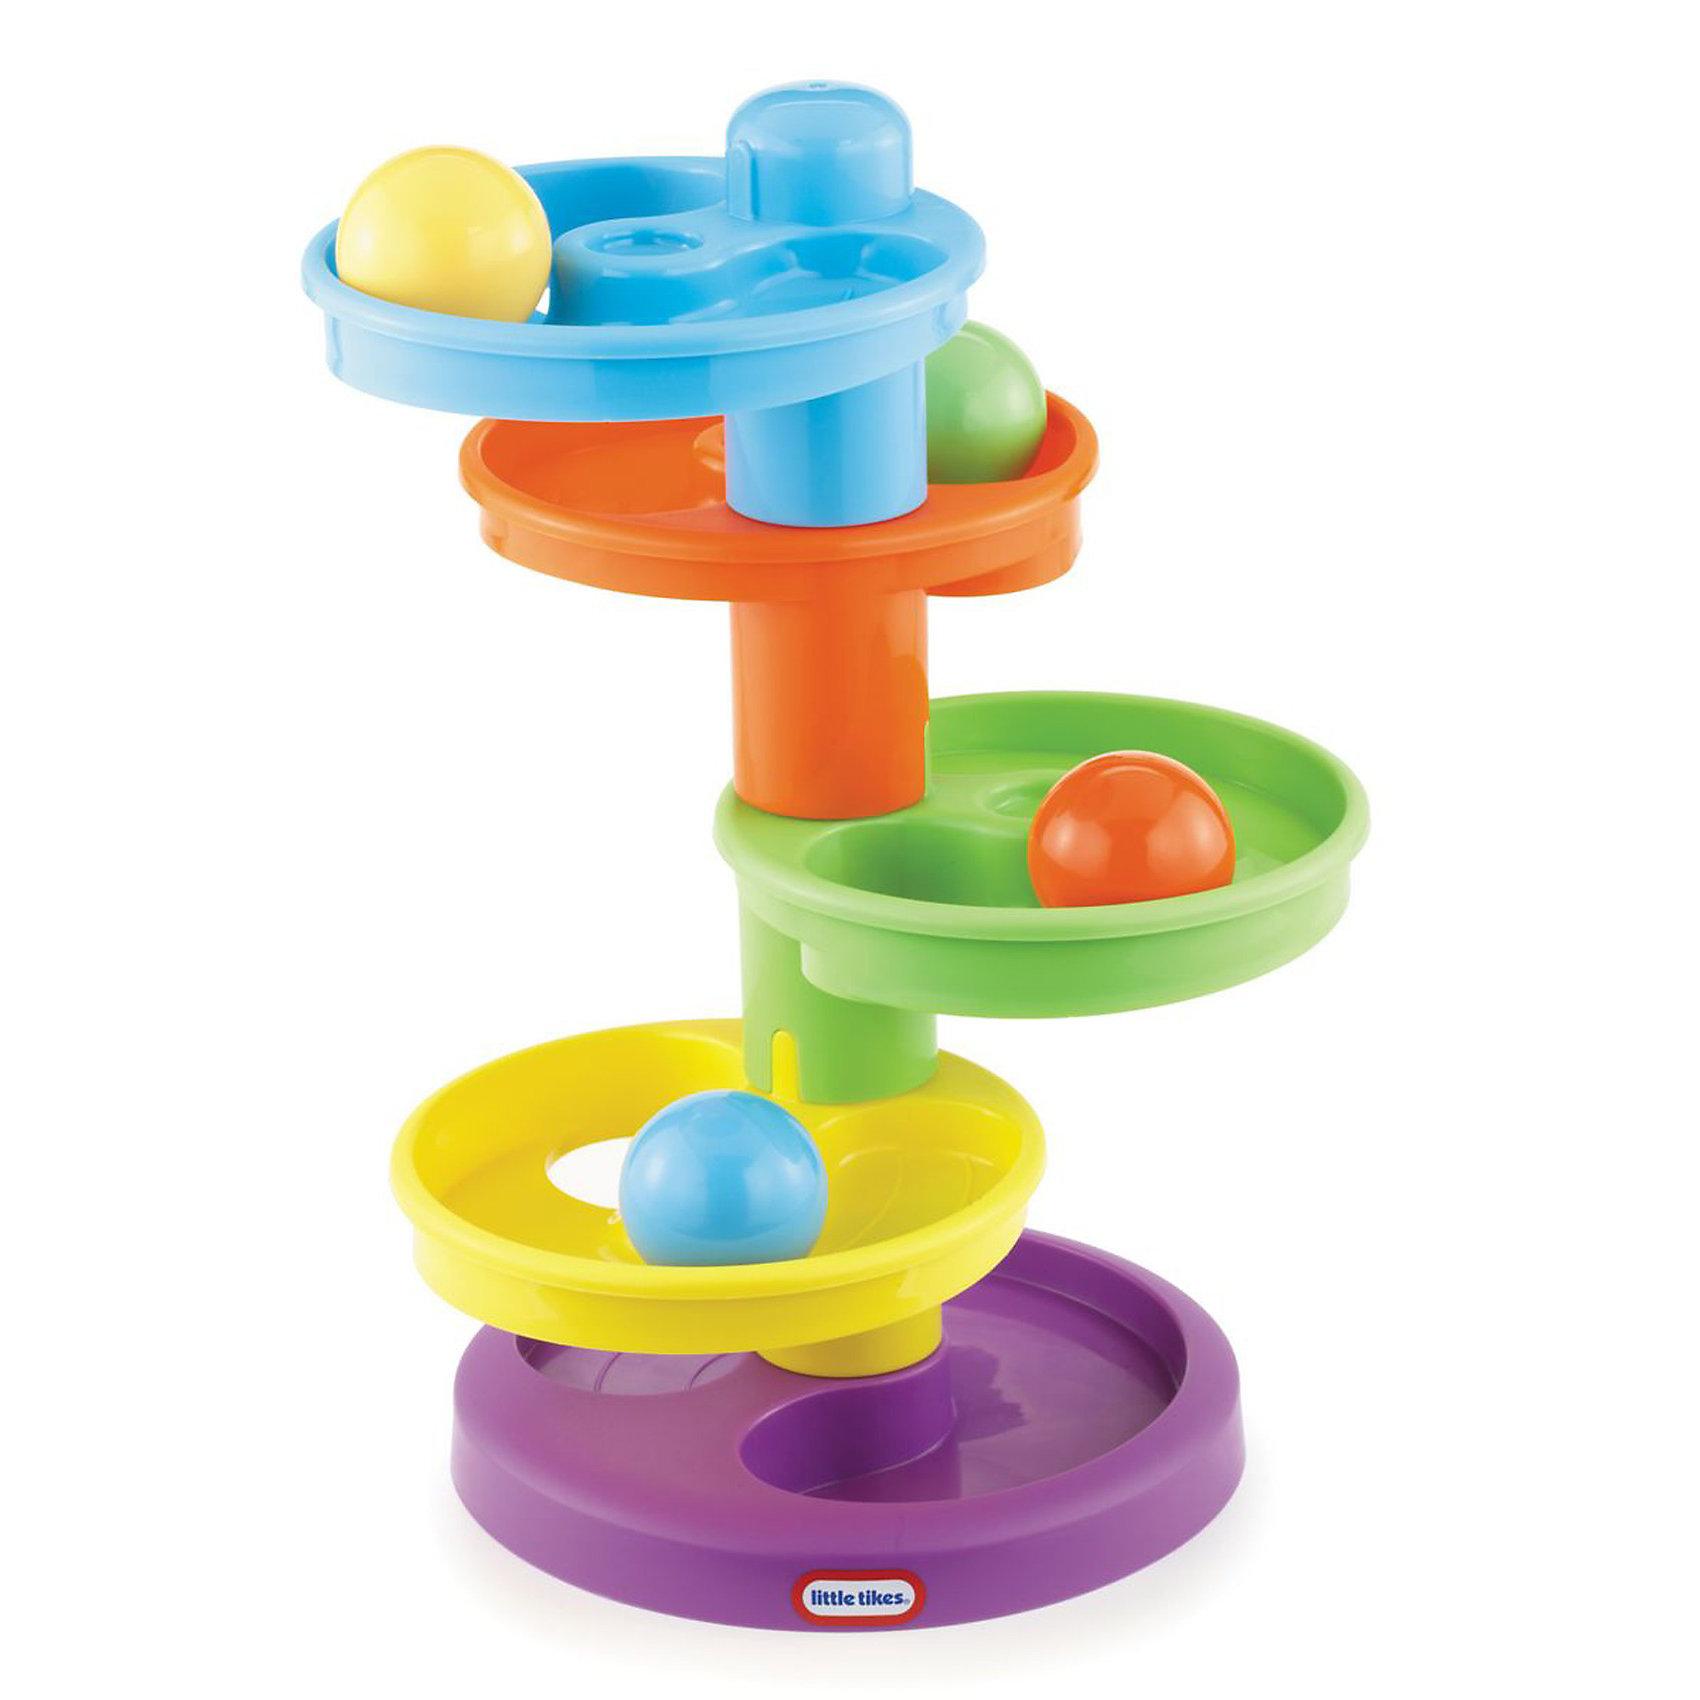 Развивающая игрушка Горка-спираль, Little TikesГорка-спираль Little Tikes (Литл Тайкс) – завораживающая игрушка, в которую малыши будут играть бесконечно! Ведь так интересно наблюдать, как разноцветные шарики катятся с уровня на уровень, один за другим. Поместите шарик на верхнюю чашу и наблюдайте, как он неумолимо стремится вниз, перескакивая с одного разноцветного этажа на другой. <br>Развивающая игрушка Горка-спираль - первый шаг ребенка в мир конструирования объемных лабиринтов. C помощью конструктора можно построить простой лабиринт, по которому будут кататься шарики. Шарики – главные персонажи игры. Ребенок запускает шарик и с интересом следит как он движется по дорожкам, проходит лабиринт и выскакивает наружу. Такое наблюдение - занятие завораживающее, игрушка надолго привлечет внимание ребенка. Яркие цвета и форма игрушки направлены на развитие мыслительной деятельности, цветовосприятия, тактильных ощущений и мелкой моторики рук ребенка.<br><br>Дополнительная информация:<br><br>- В комплекте: горка-спираль из четырех разноцветных чаш на широком устойчивом основании, четыре разноцветных гладких пластмассовых шарика;<br>- Игрушка помогает развить координацию движений, моторные навыки, с помощью разноцветных мячиков можно изучать цвета и счет;<br>- Материал:  пластик;<br>- Размеры: 12 х 28 х 28 см;<br>- Вес: 727 г.<br><br>Развивающую игрушку  Горка-спираль, Little Tikes (Литтл Тайкс)  можно купить в нашем интернет-магазине.<br><br>Ширина мм: 120<br>Глубина мм: 260<br>Высота мм: 280<br>Вес г: 726<br>Возраст от месяцев: 12<br>Возраст до месяцев: 36<br>Пол: Унисекс<br>Возраст: Детский<br>SKU: 3548350